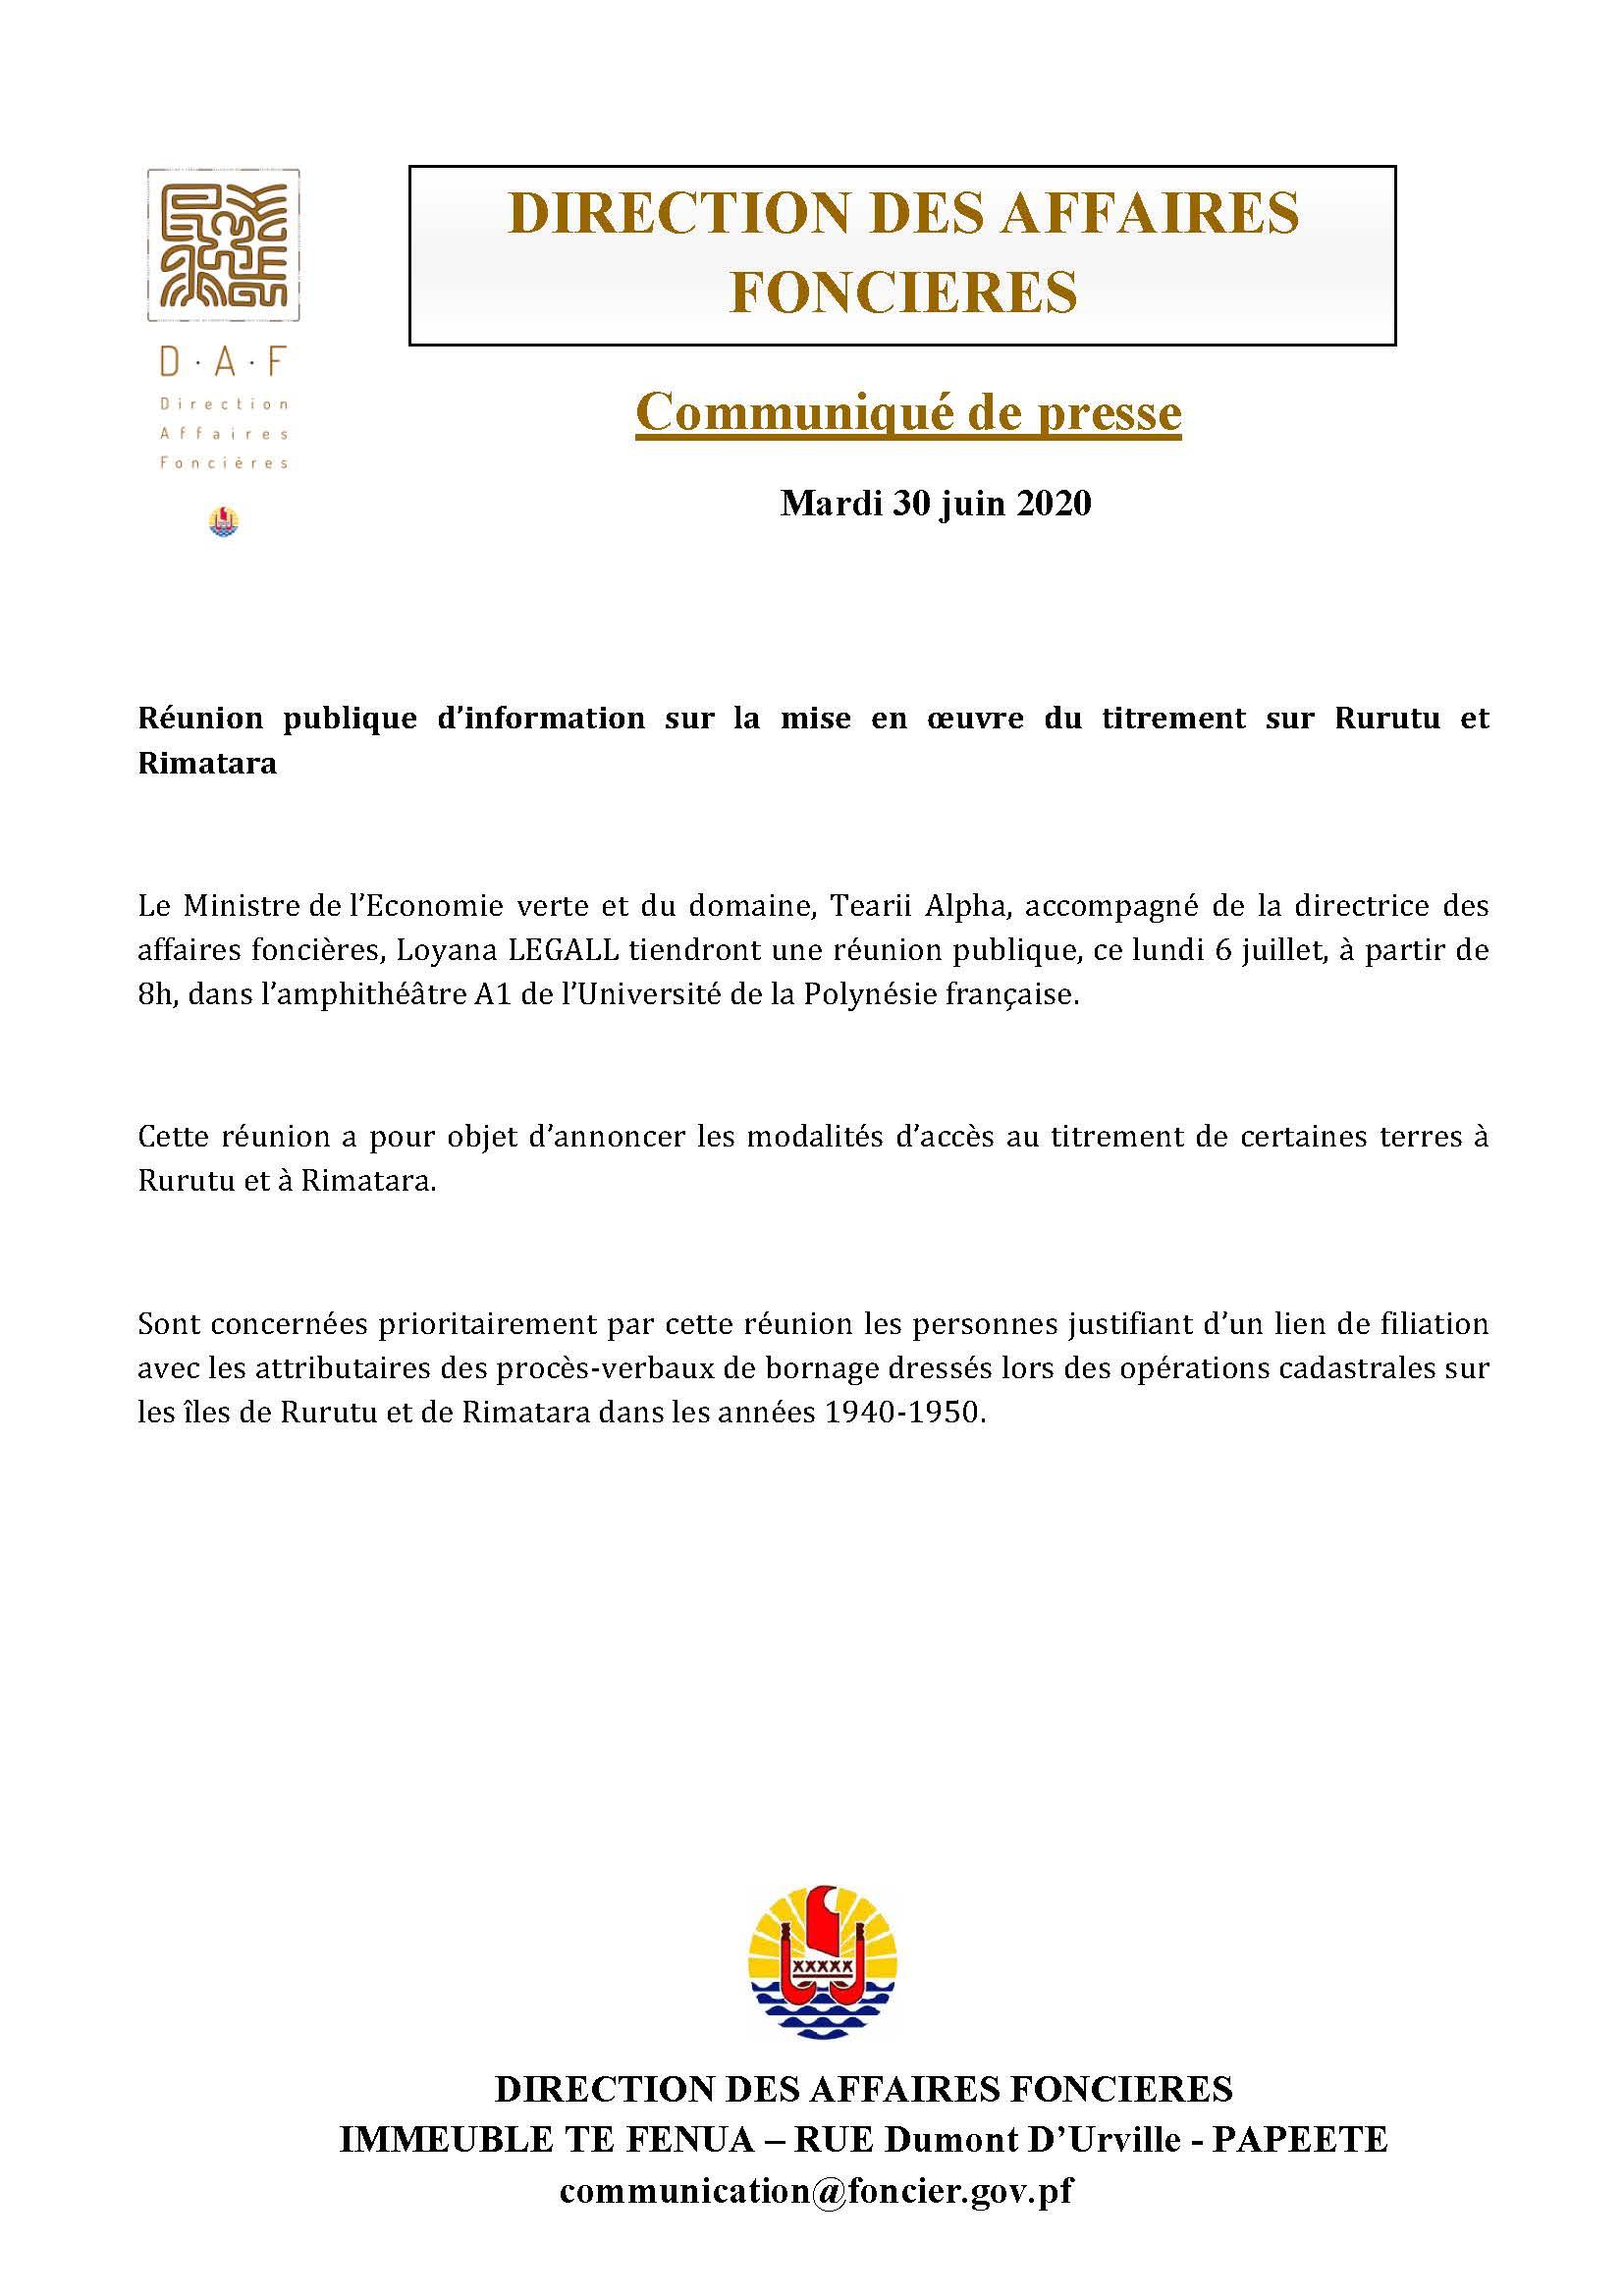 RÉUNION PUBLIQUE D'INFORMATION